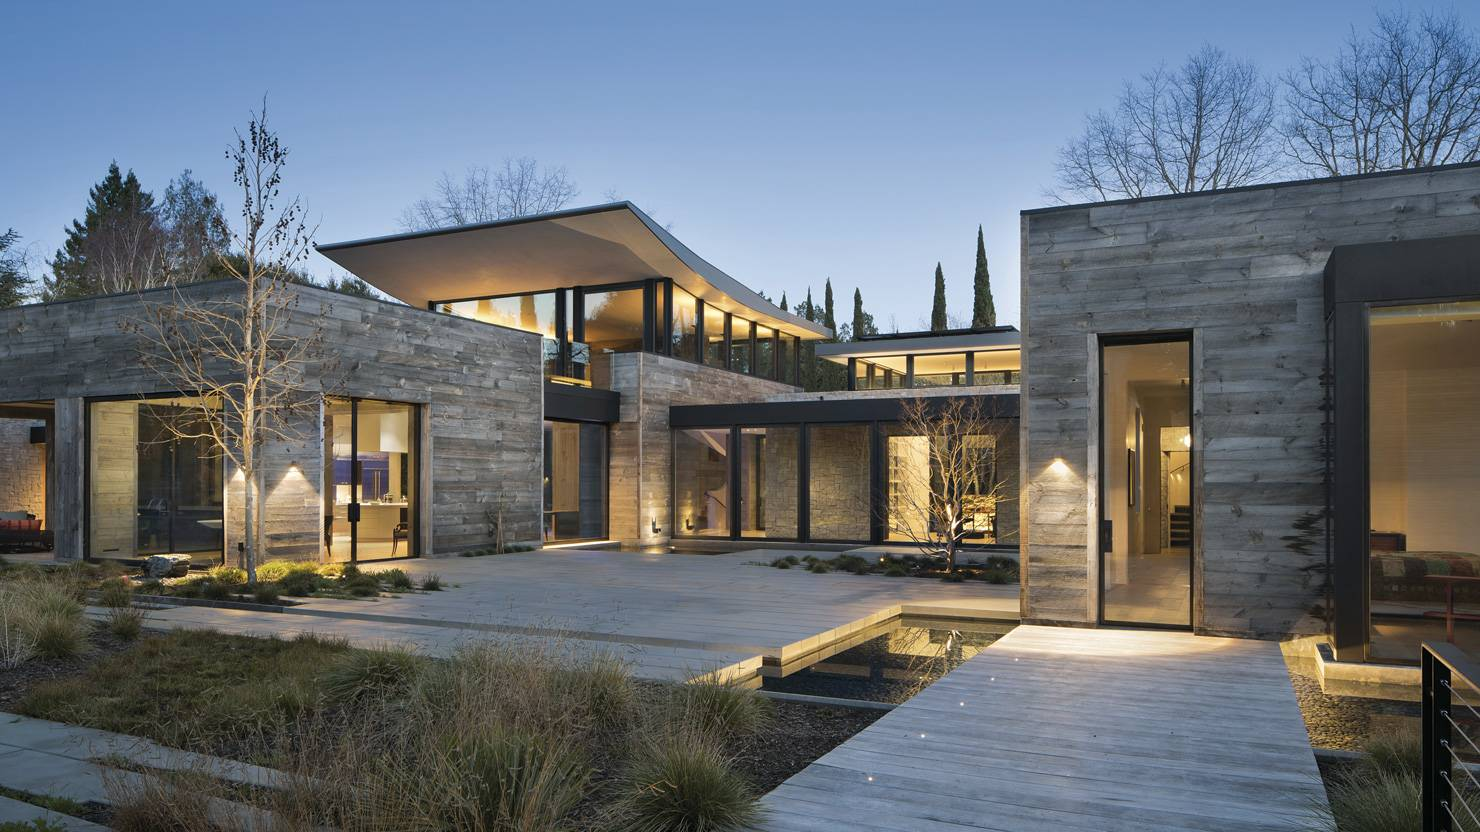 serramenti-facciata-acciaio-zincato-ken-lindstead-architects-3_project_big